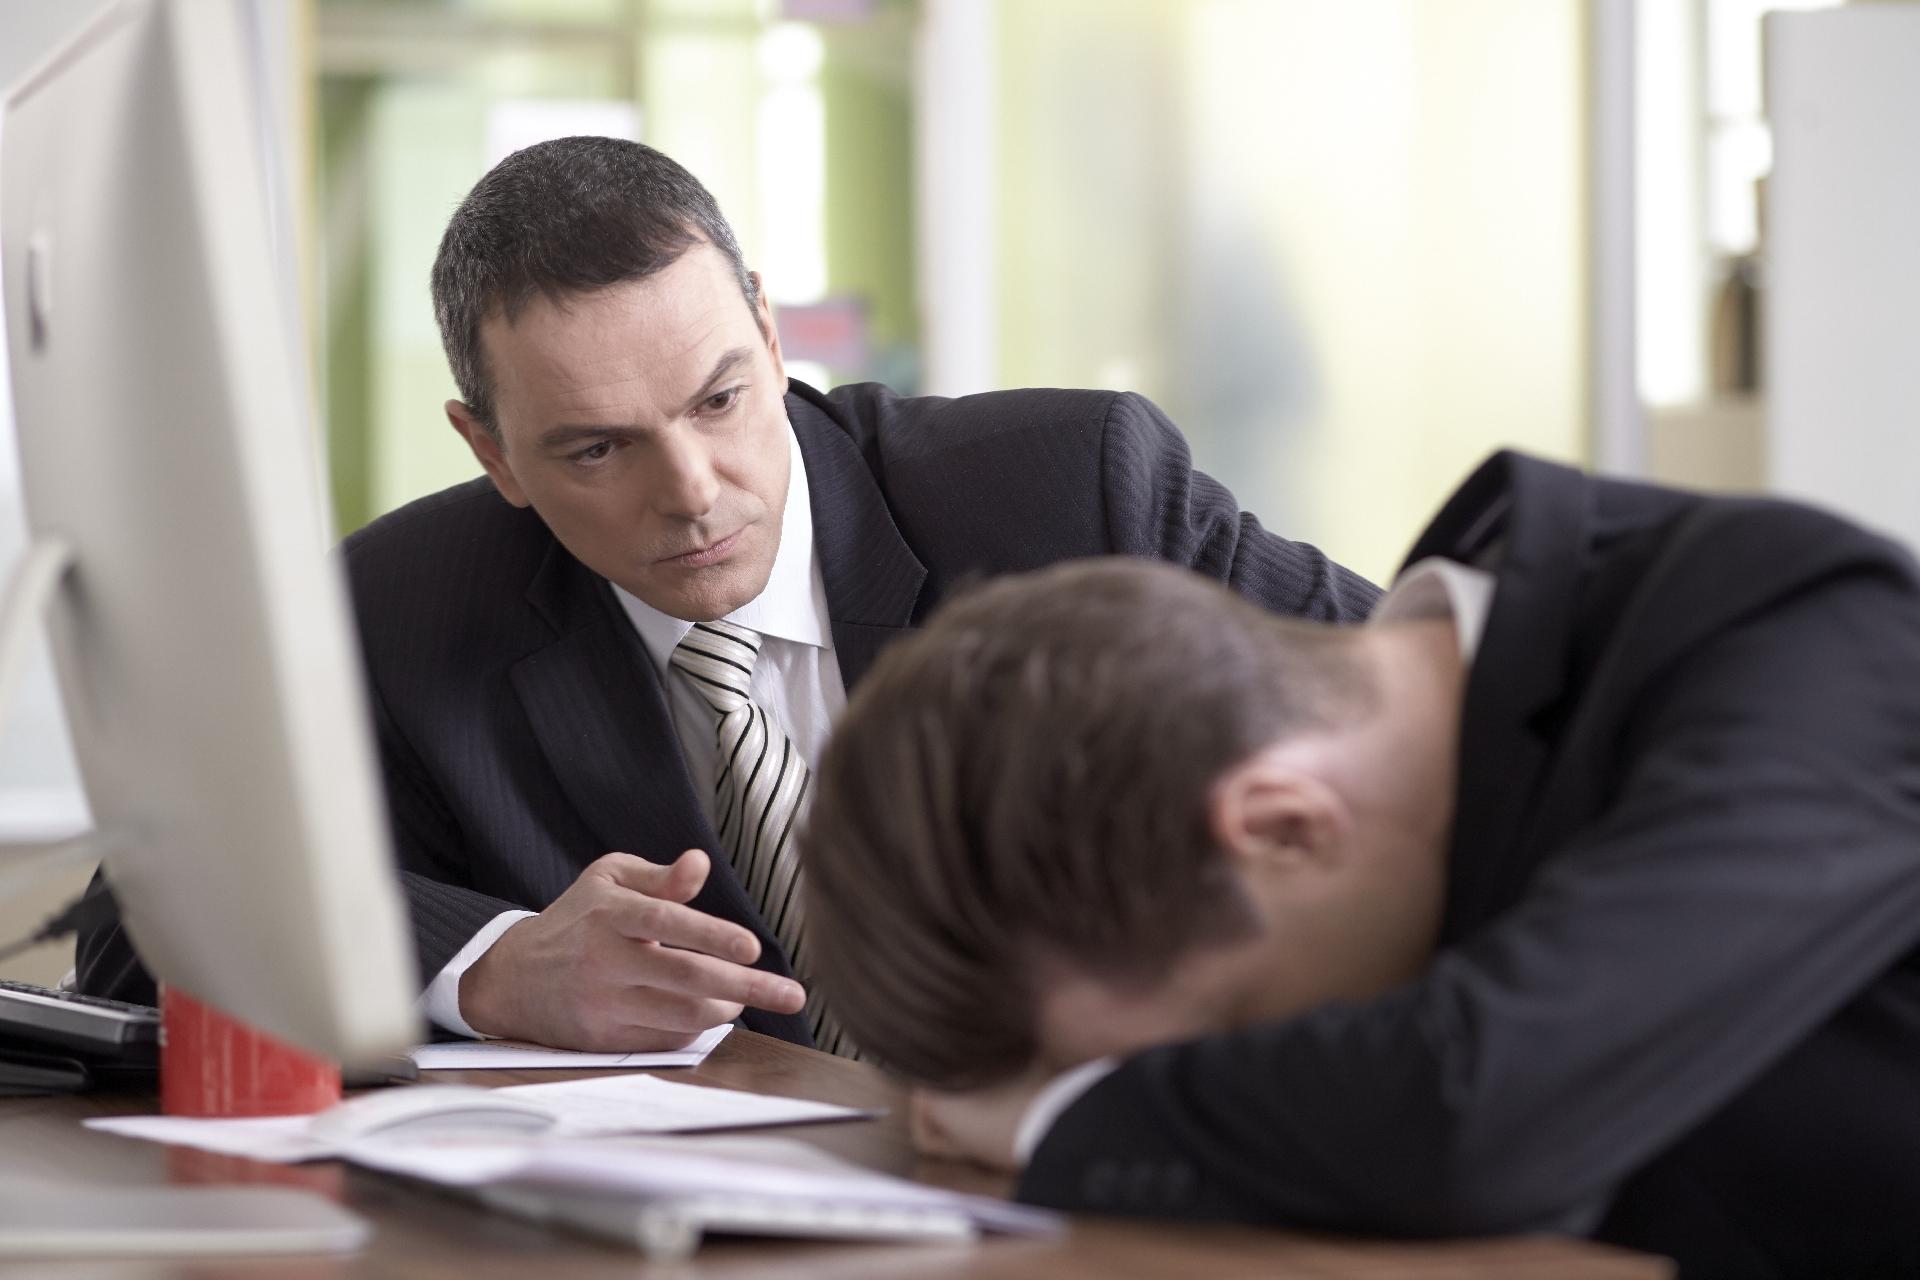 「嫌なら辞めろ!」と新人に言い続けたらホントに辞めちゃった 先輩「なんでまともに受け取っちゃうかな」